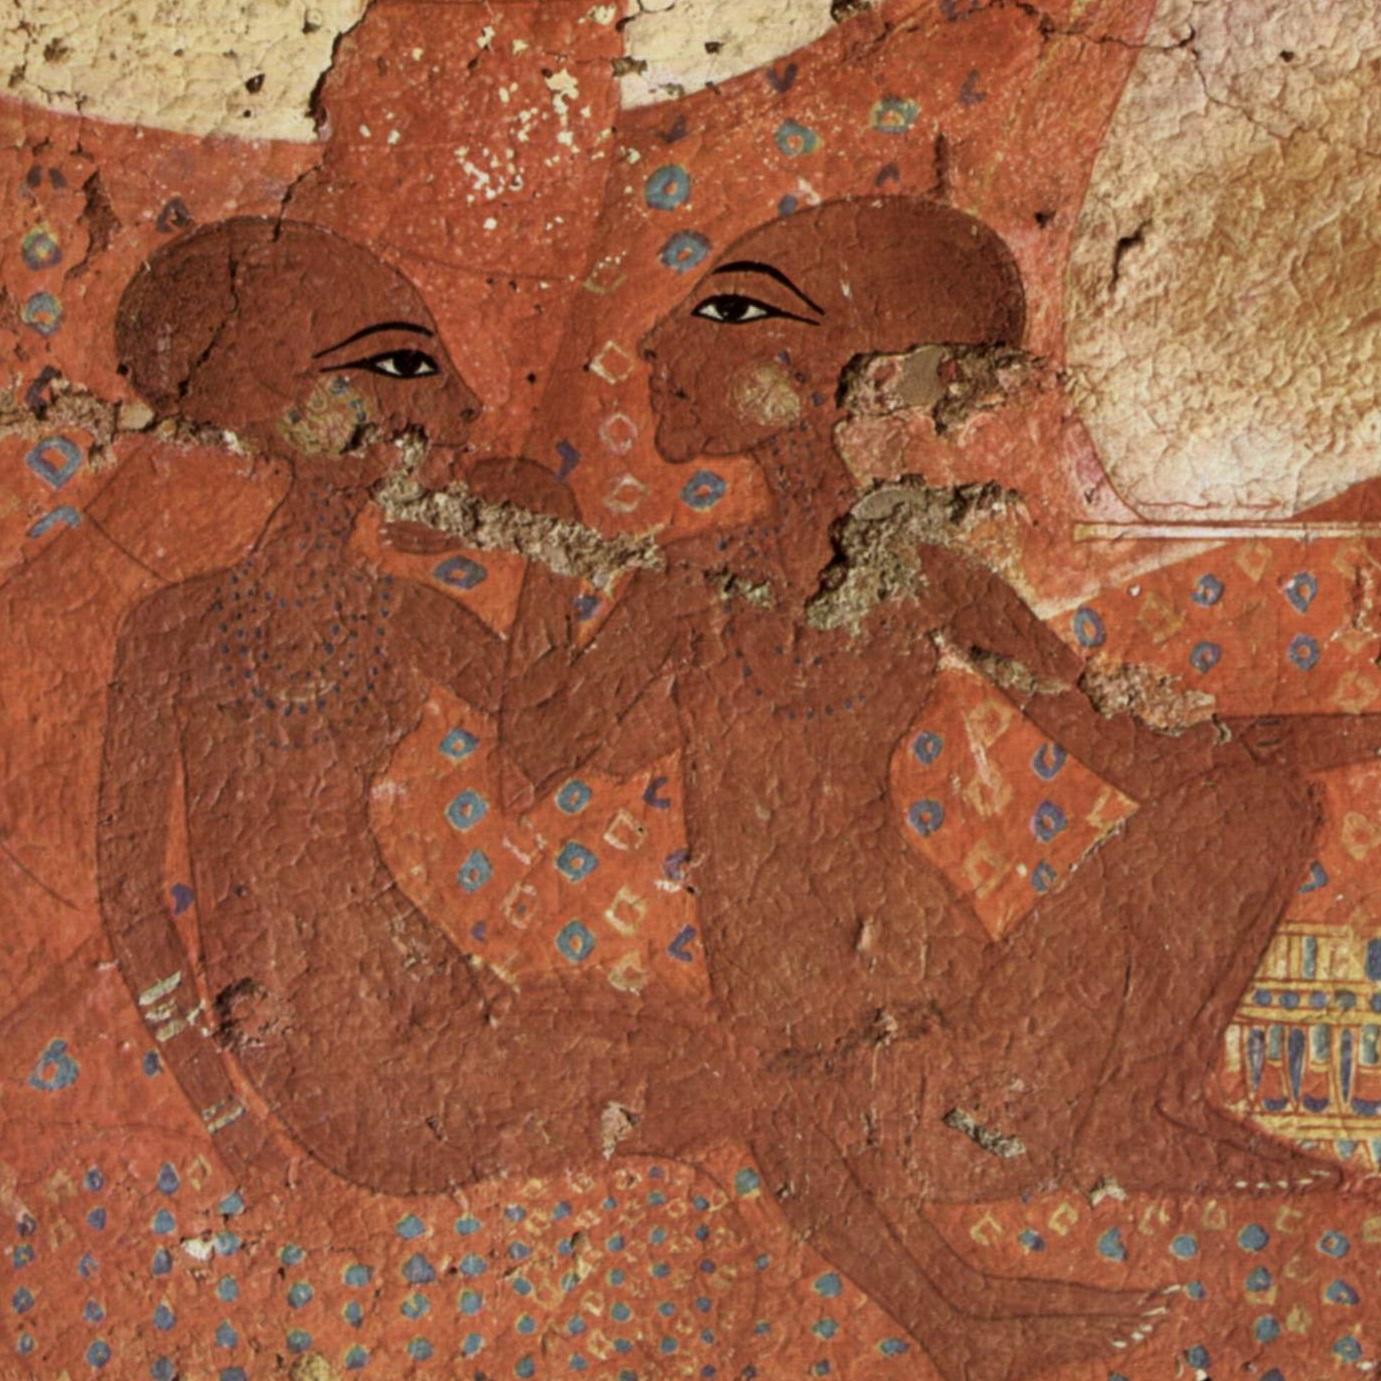 Zdaniem kanadyjskiej badaczki pieszczotliwy gest na steli ma świadczyć o tym, że Egiptem w pewnym momencie rządziły jako faraonowie dwie kobiety.